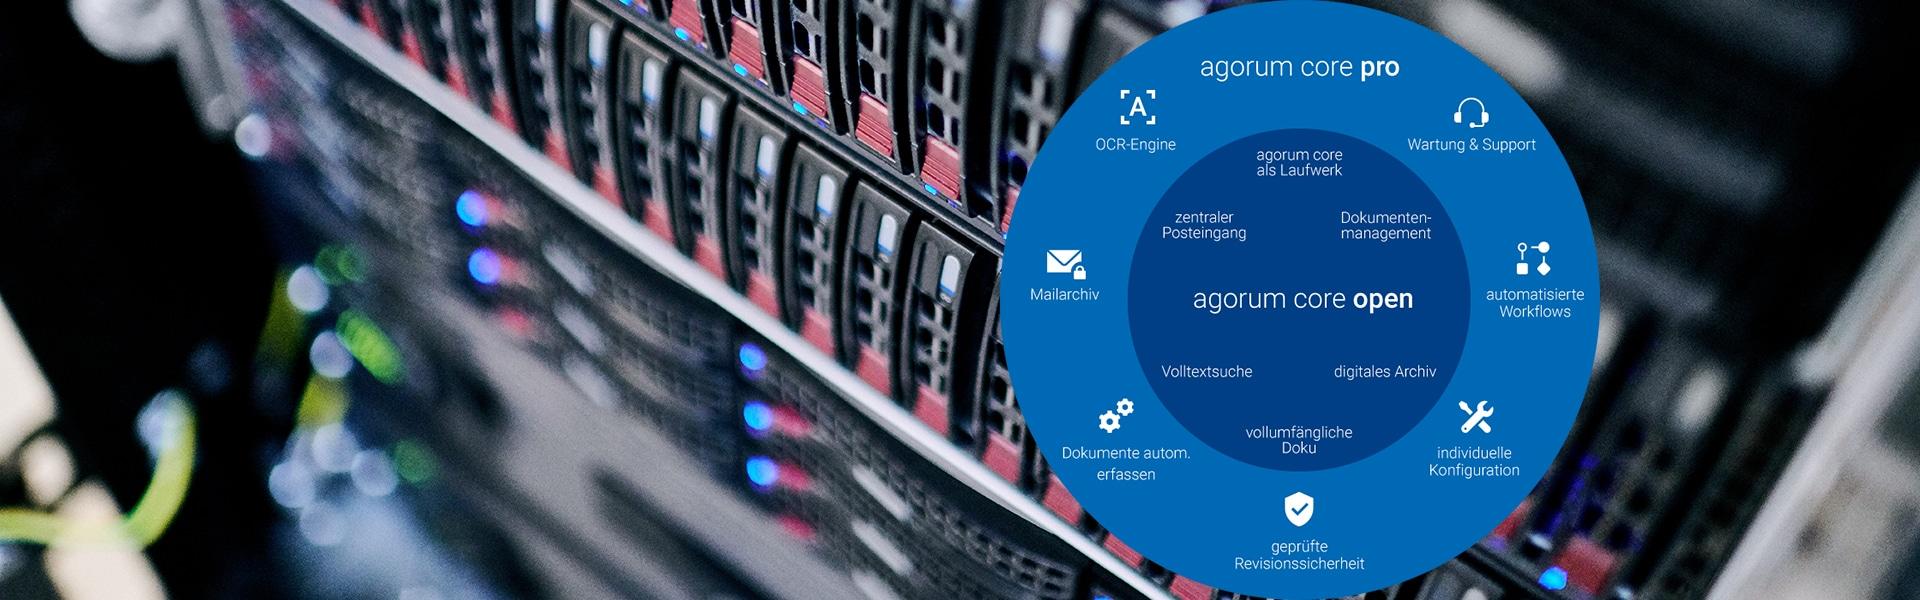 Dokumentenmanagement Vergleich kostenlose Open und Pro Version mit Automatisierung und Konfiguration